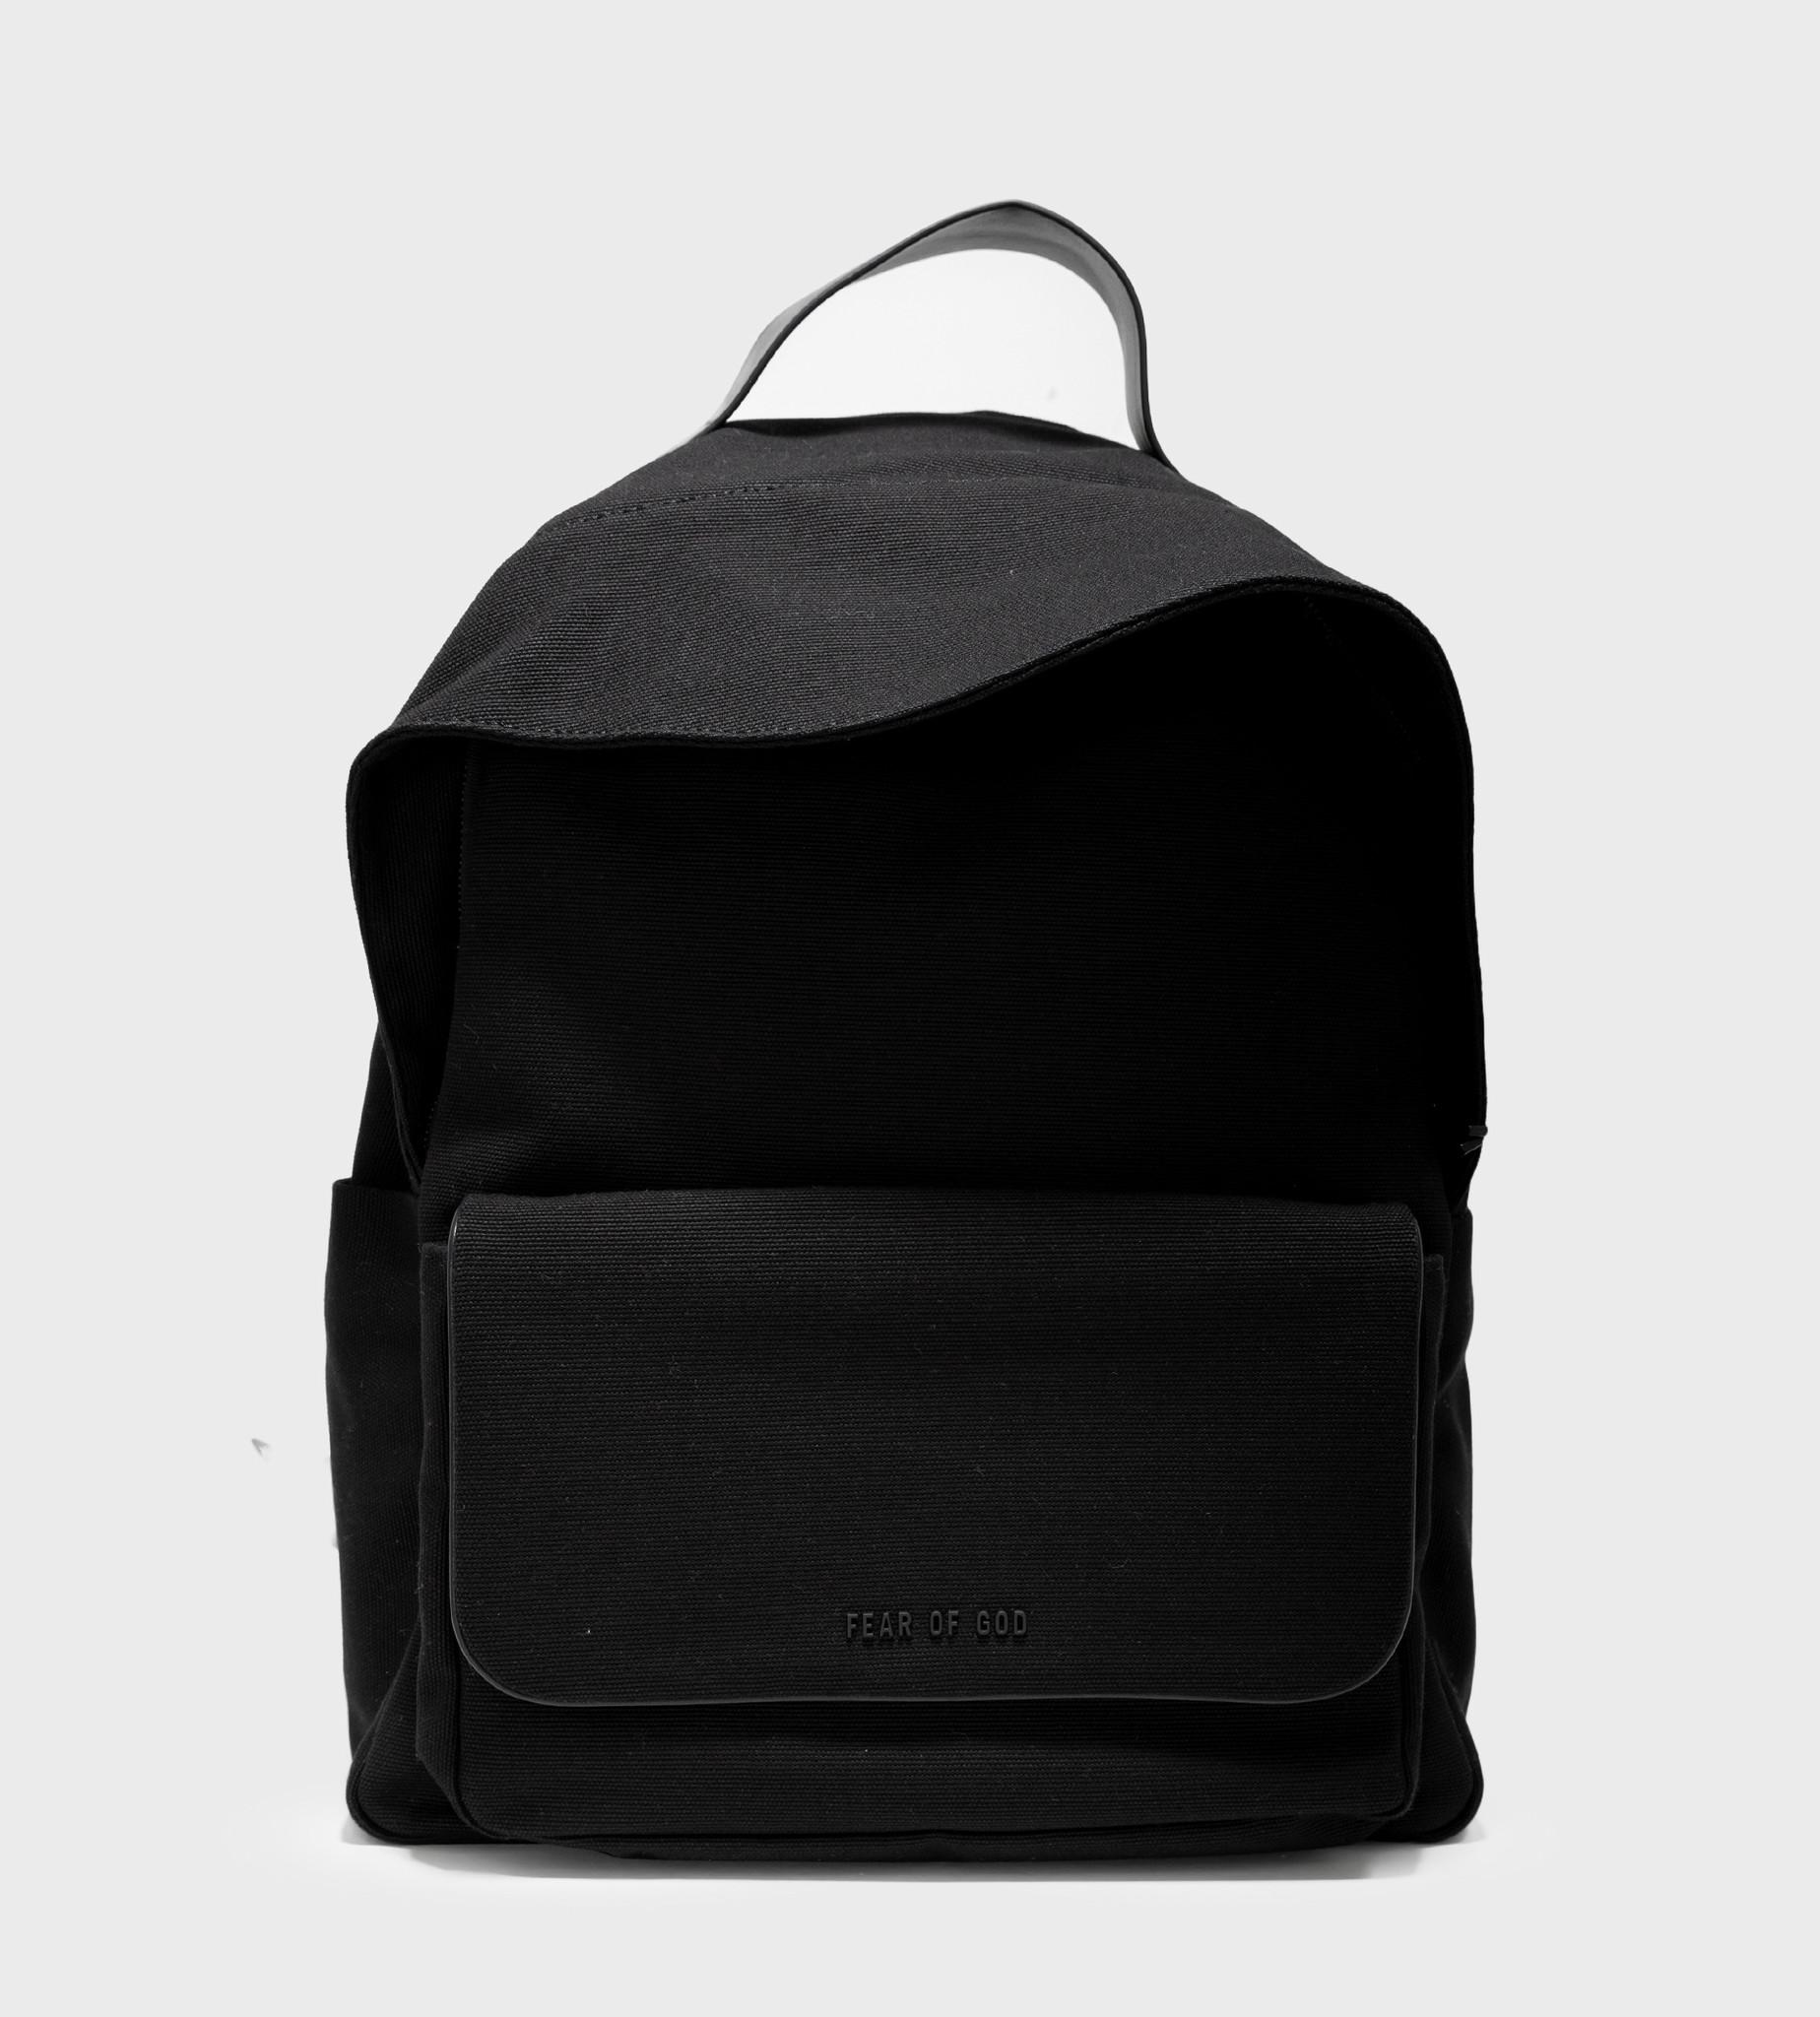 FEAR OF GOD Backpack Black